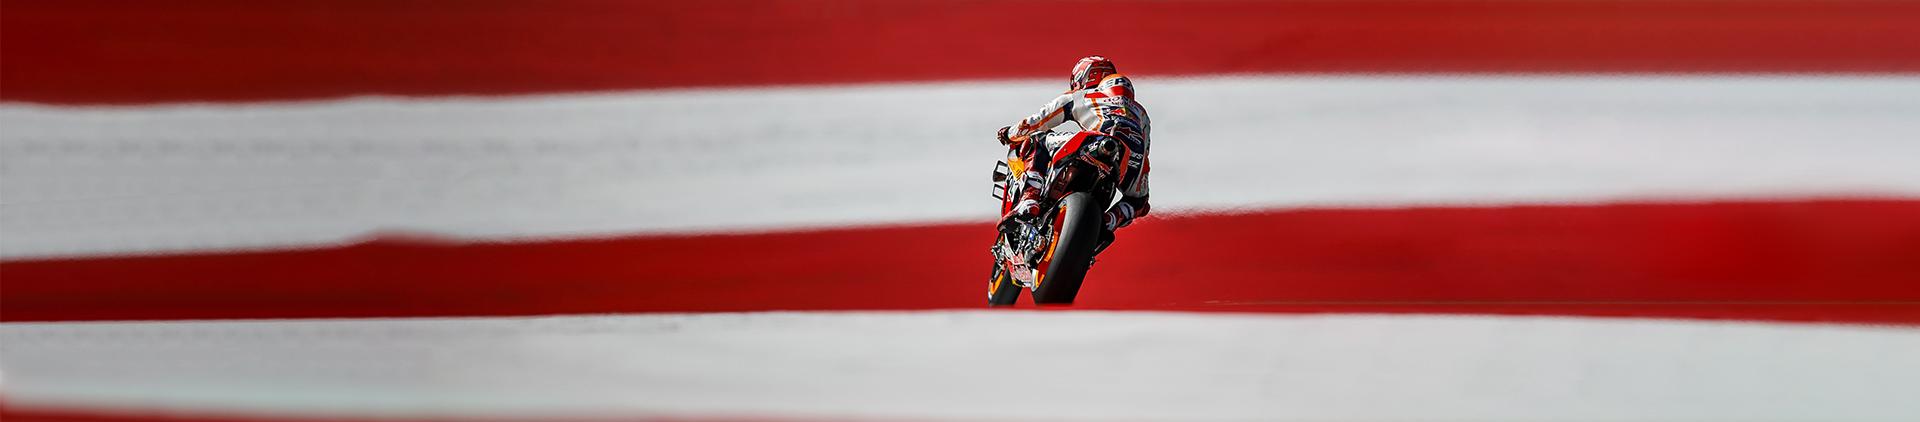 MotoGP Osterreich